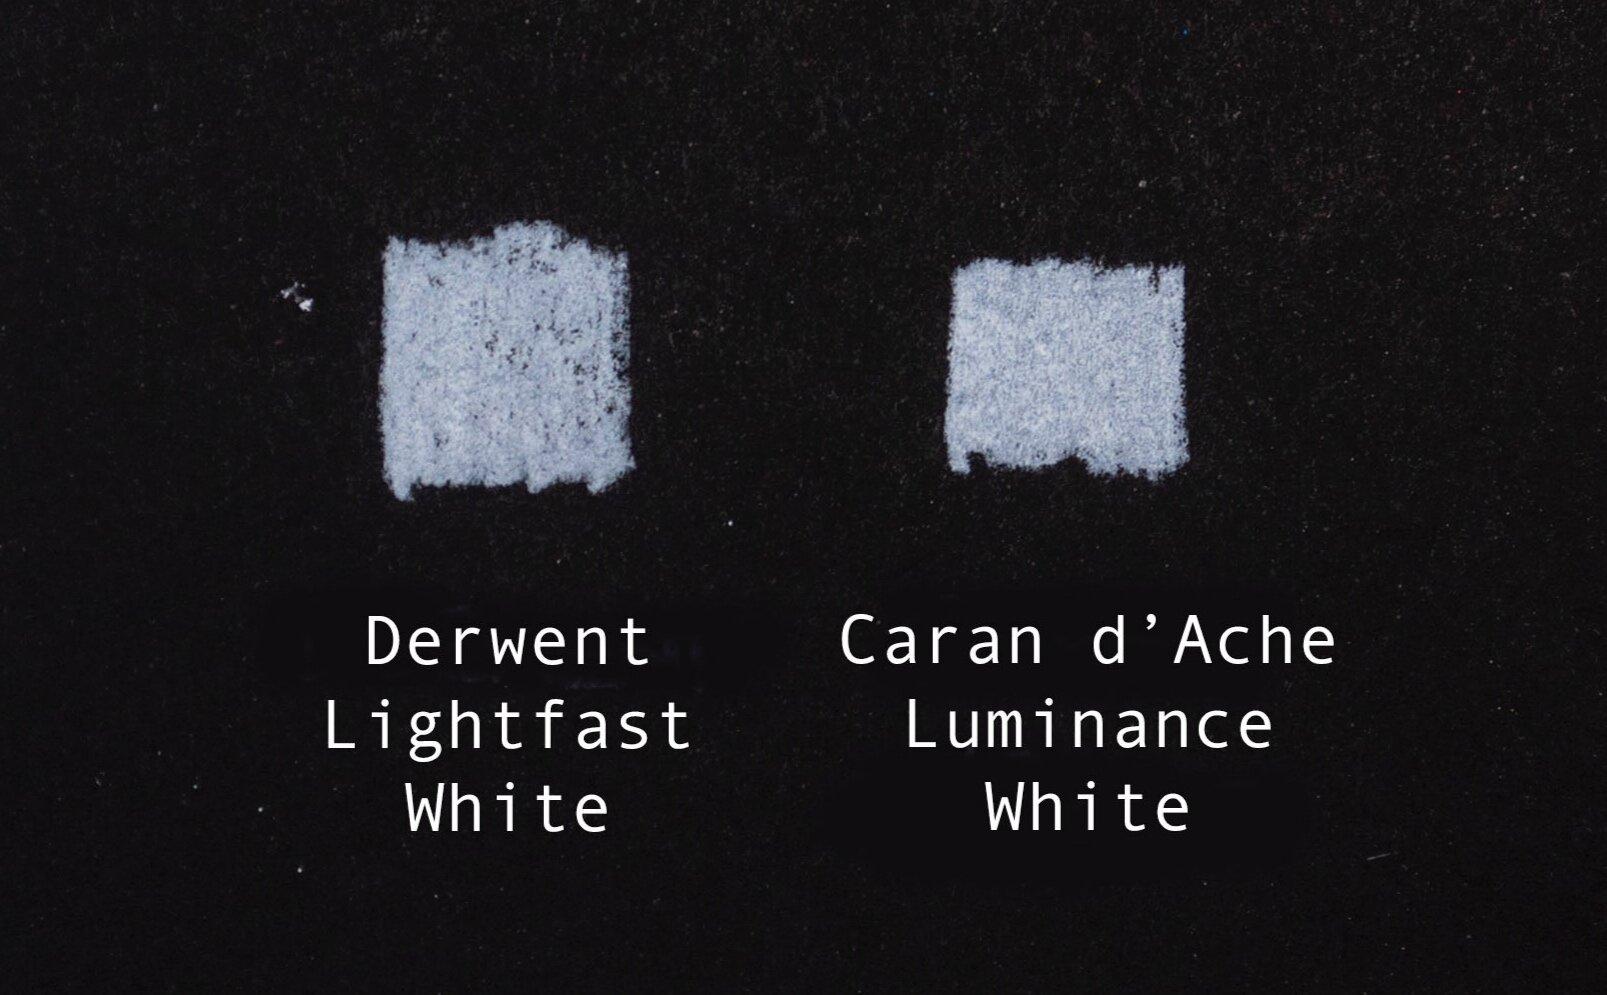 White+Pencils+On+Black+Paper.jpg